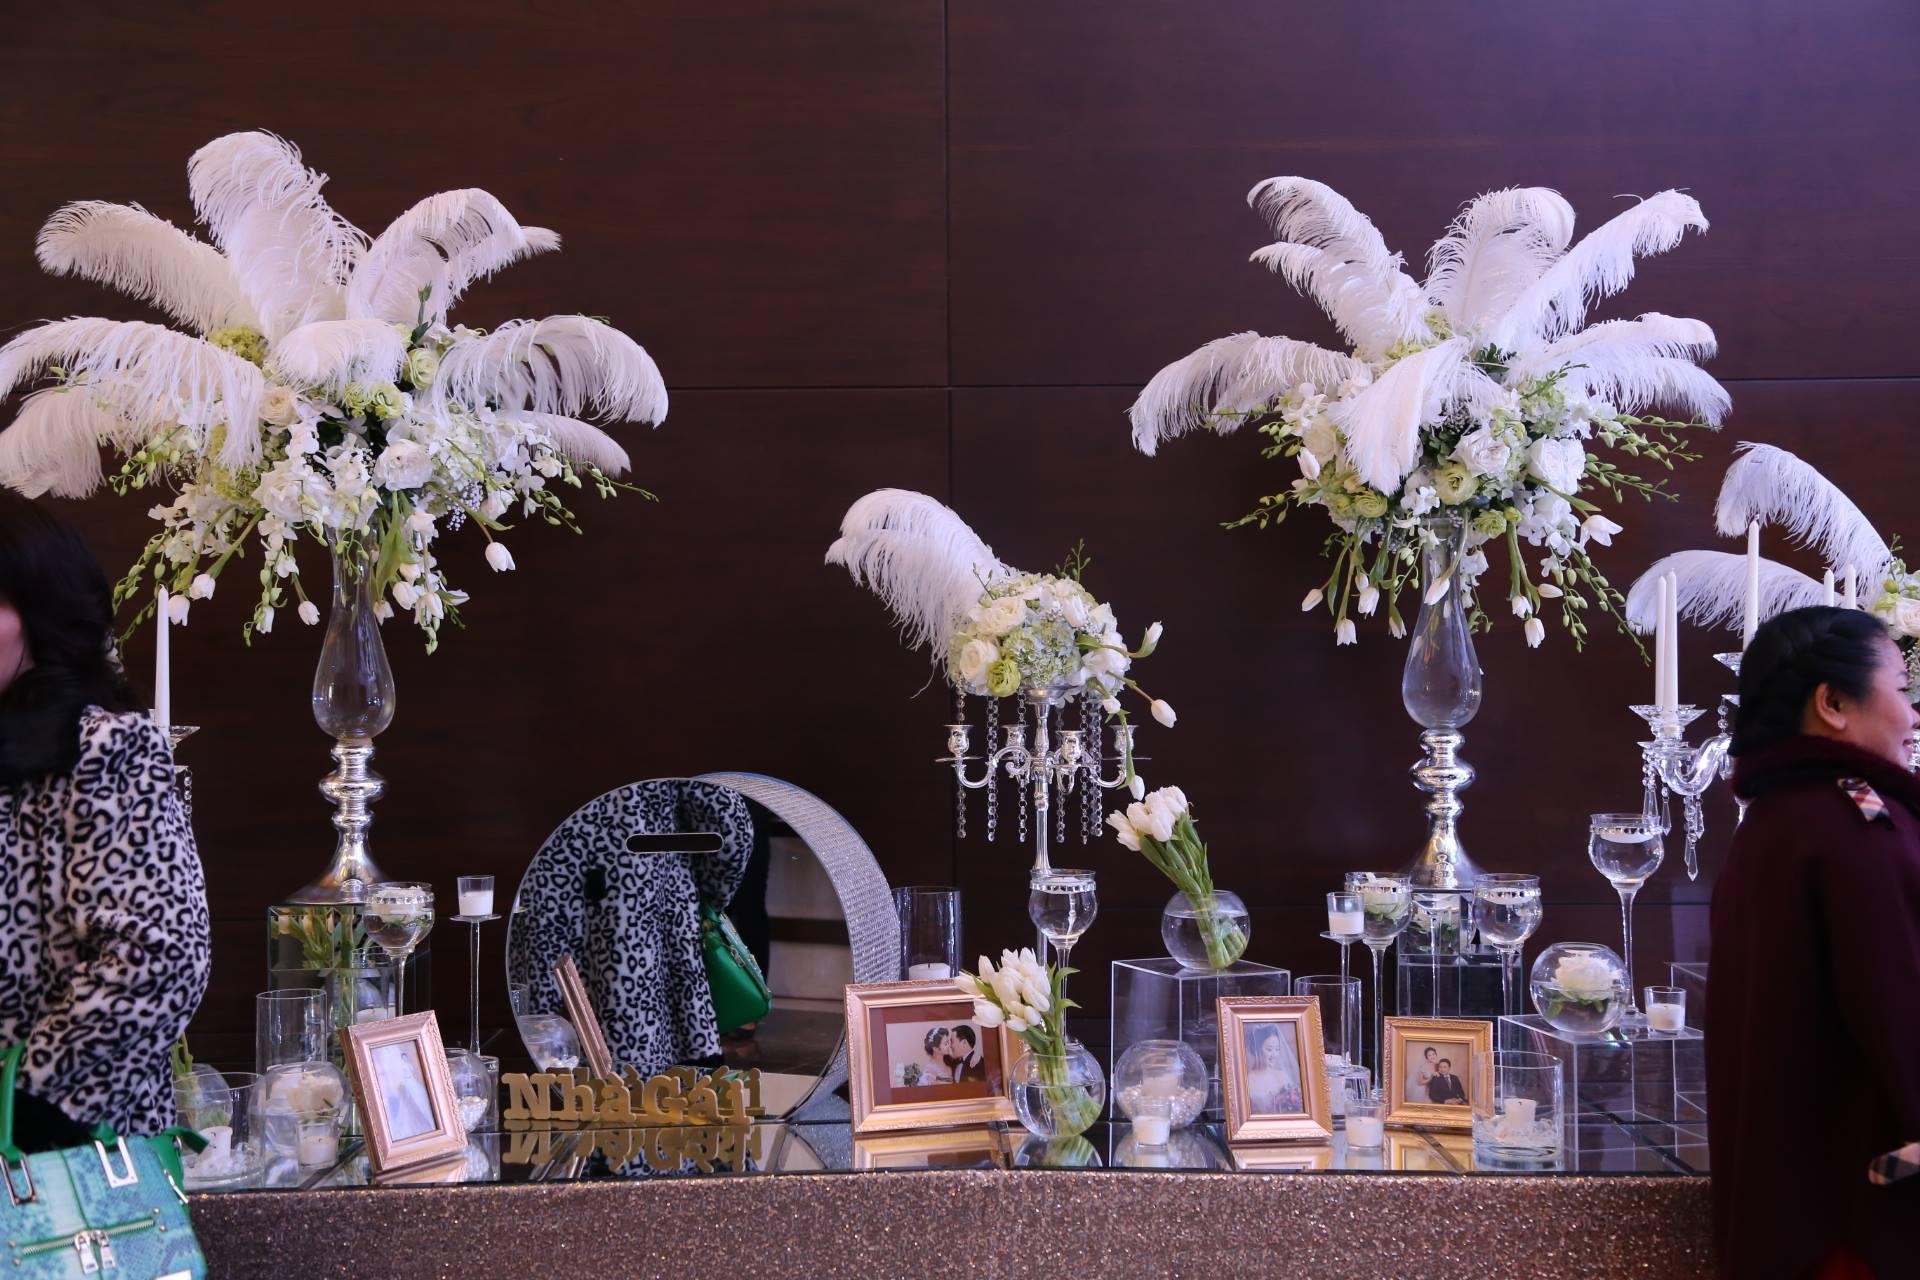 Cận cảnh lễ cưới xa hoa của HH Thu Ngân và đại gia hơn 19 tuổi - 4 Cùng ngắm những khoảnh khắc đặc biệt của hoa hậu Thu Ngân và chồng đại gia Cùng ngắm những khoảnh khắc đặc biệt của hoa hậu Thu Ngân và chồng đại gia Cận cảnh những siêu xe tới tham dự lễ cưới.    Không gian sang trọng bên trong sảnh cưới.